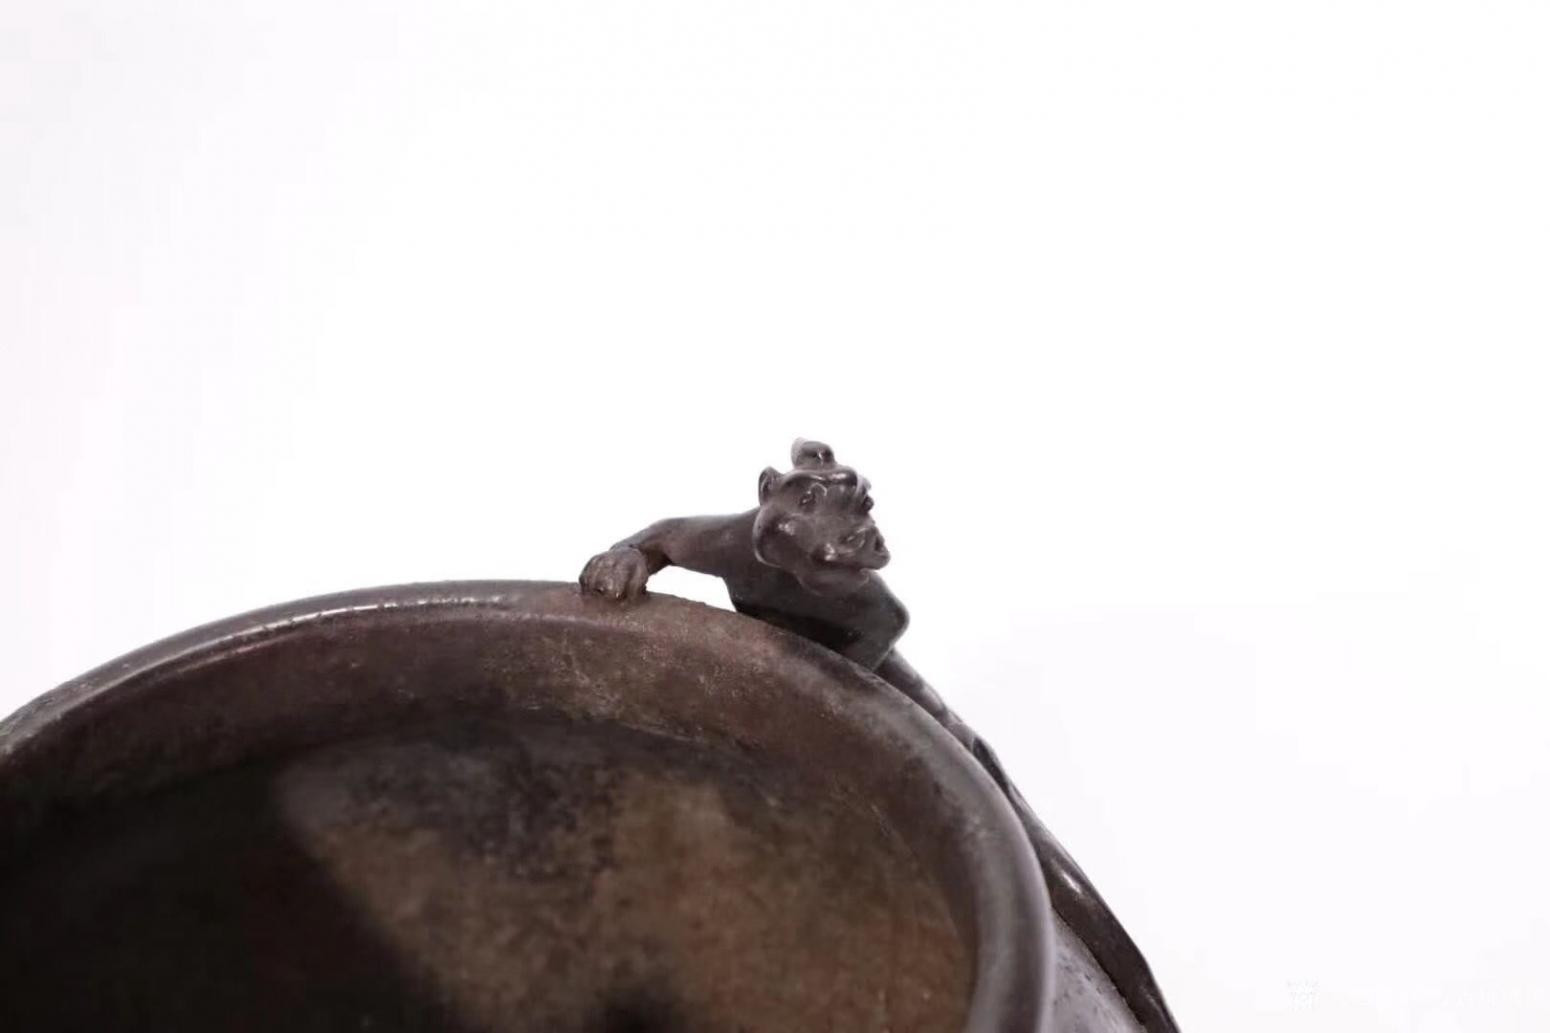 东方古玩城堡文玩杂项作品《双螭龙耳铜炉》【图1】